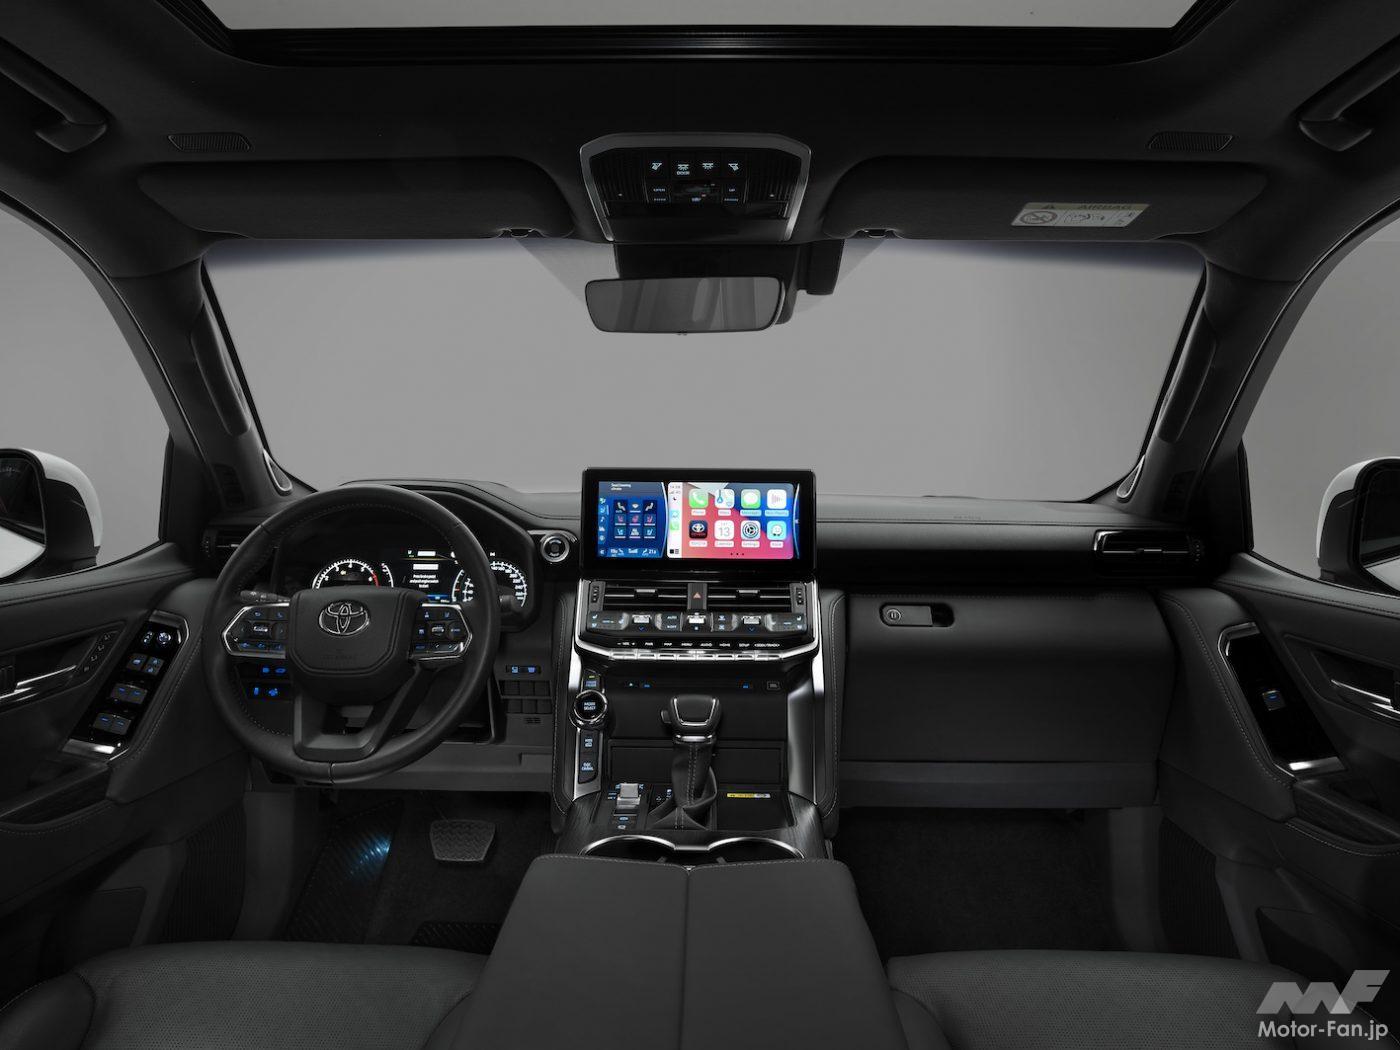 「間もなく日本デビュー! 新型トヨタ・ランドクルーザー(300系)完全新開発3.3ℓV6ディーゼルツインターボ【F33A-FTV】とはどんなエンジンになるか」の6枚目の画像